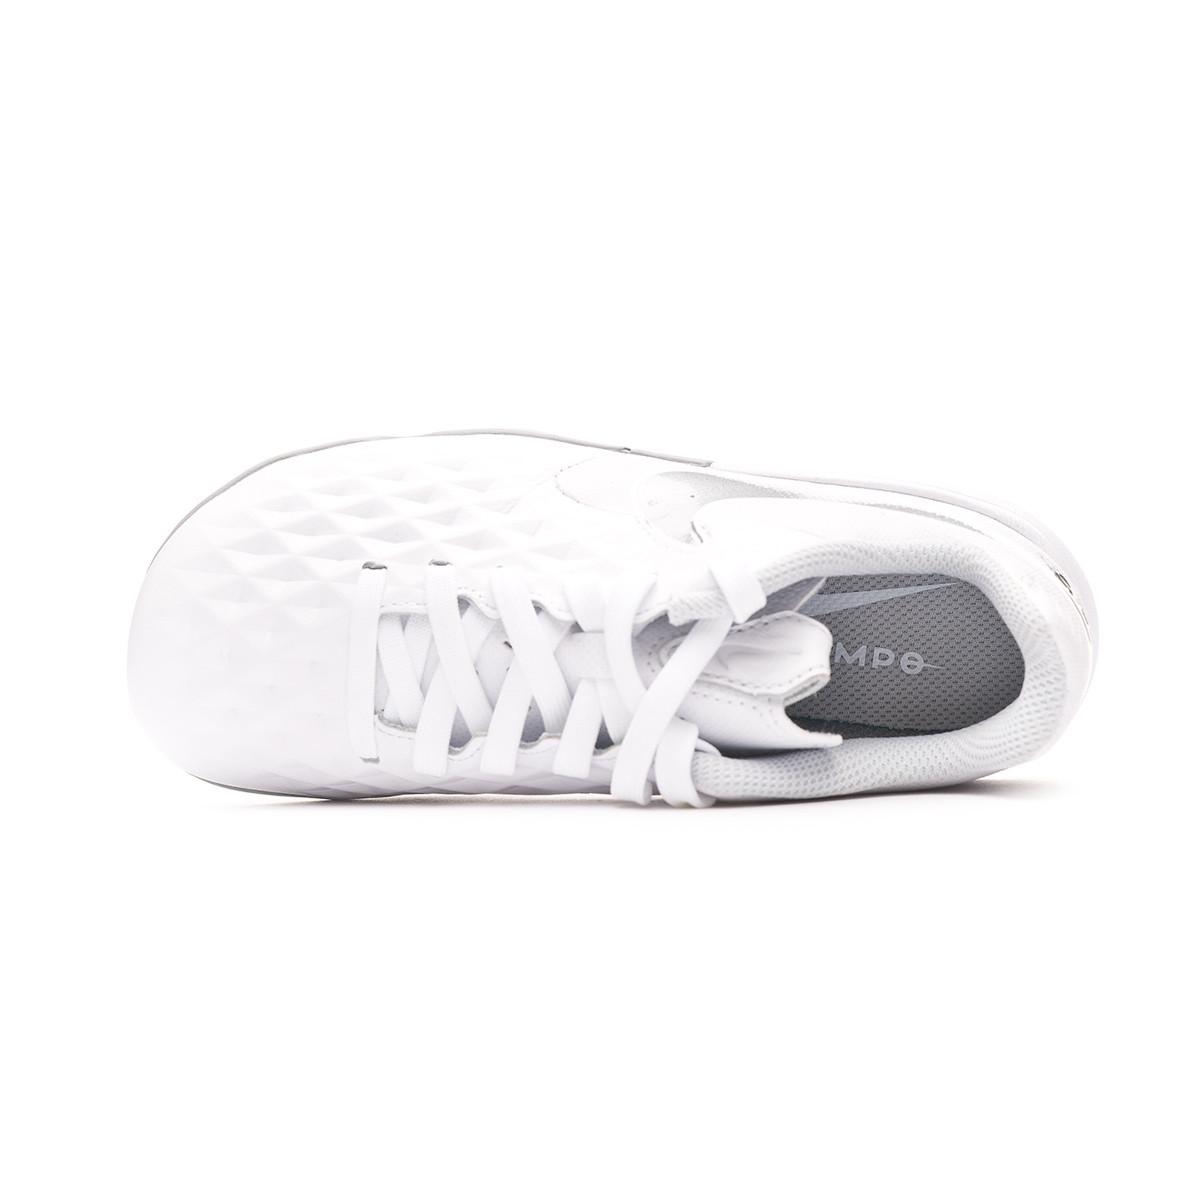 best service 4400e 838a4 Zapatilla Tiempo Legend VIII Academy Turf Niño White-Chrome-Pure platinum